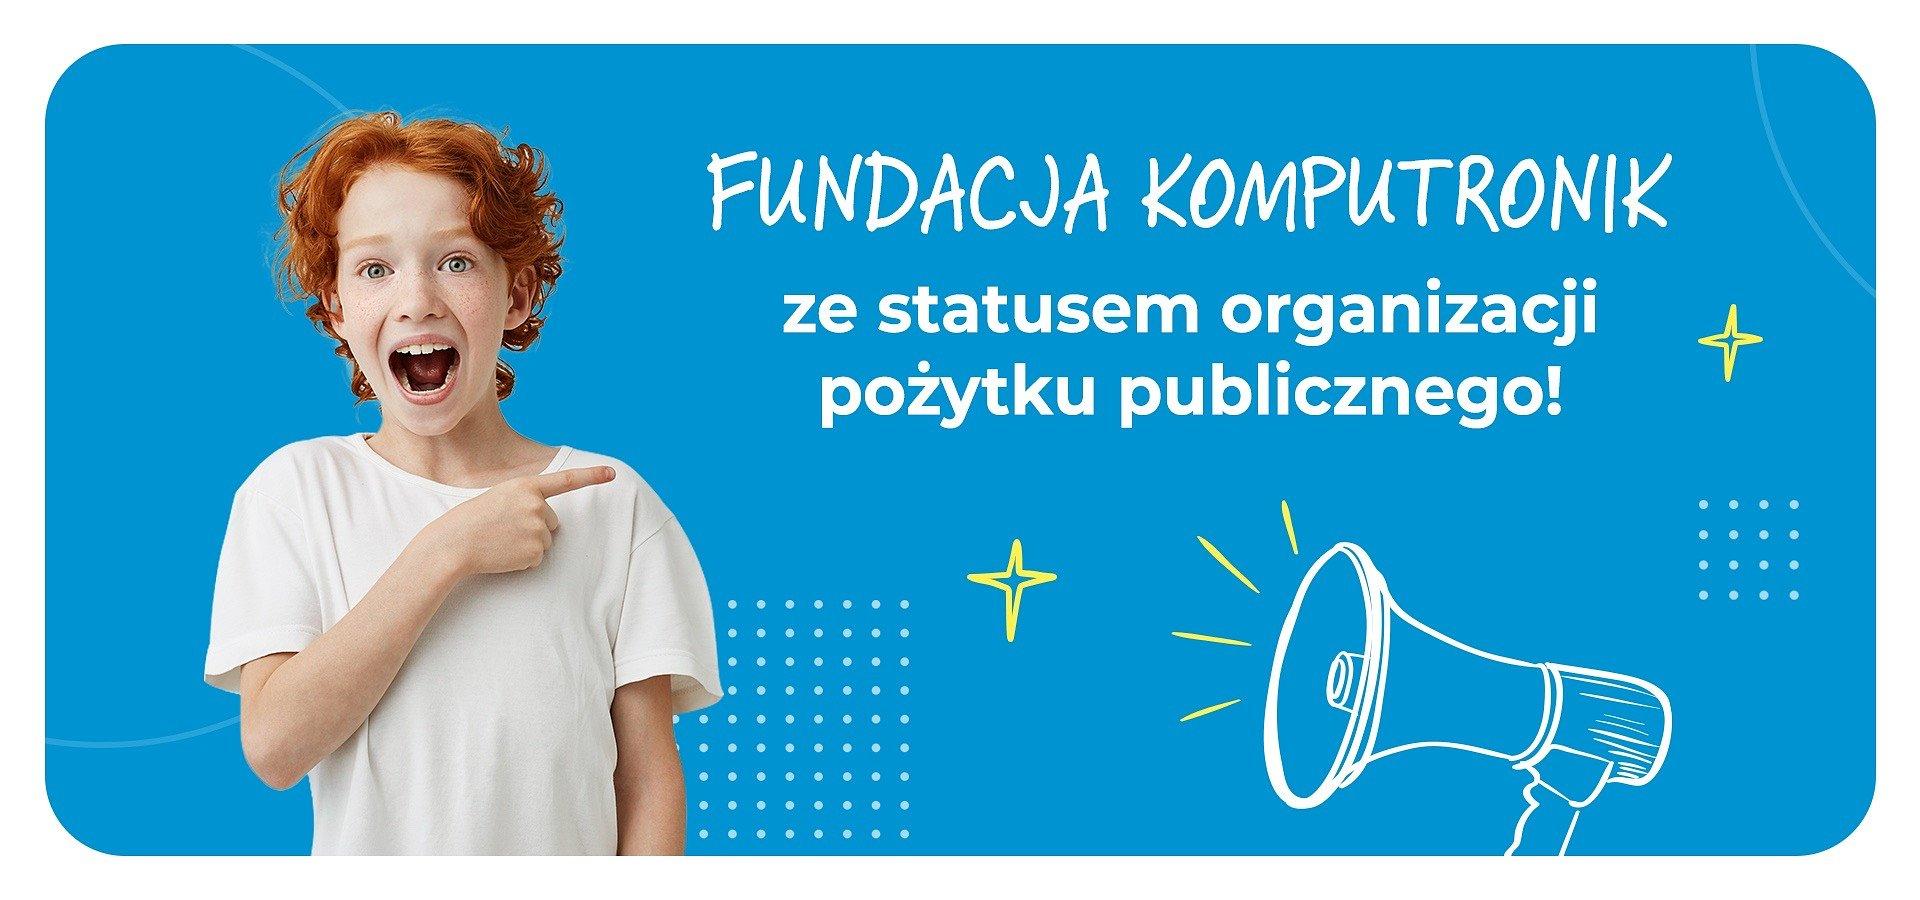 Fundacja Komputronik ze statusem organizacji pożytku publicznego!